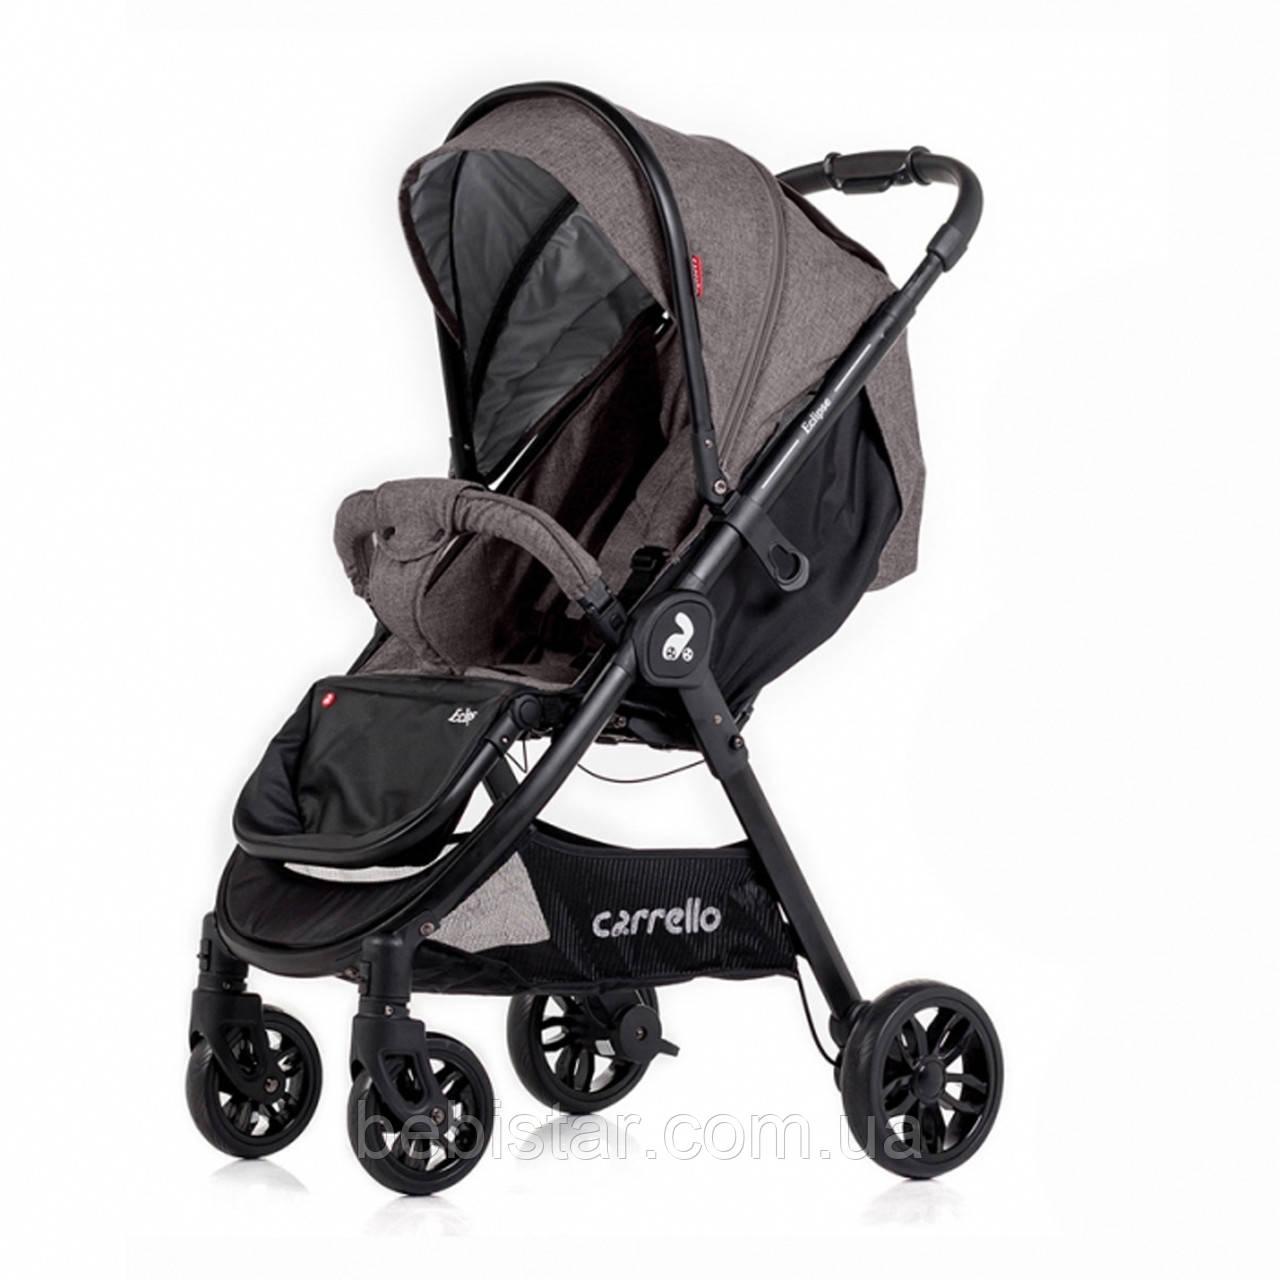 Детская прогулочная коляска с дождевиком цвет серый CARRELLO Eclipse CRL-12001 Shale Grey в льне